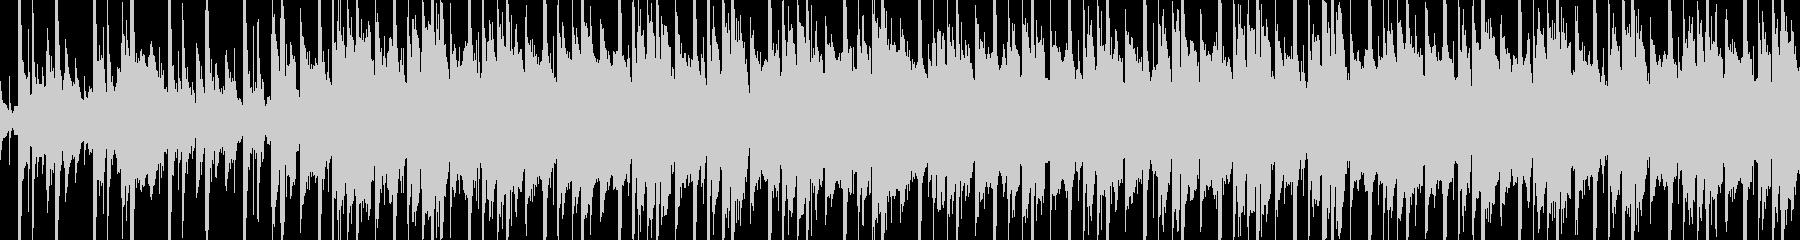 メロトロンの響きが回想シーンを思わせる曲の未再生の波形